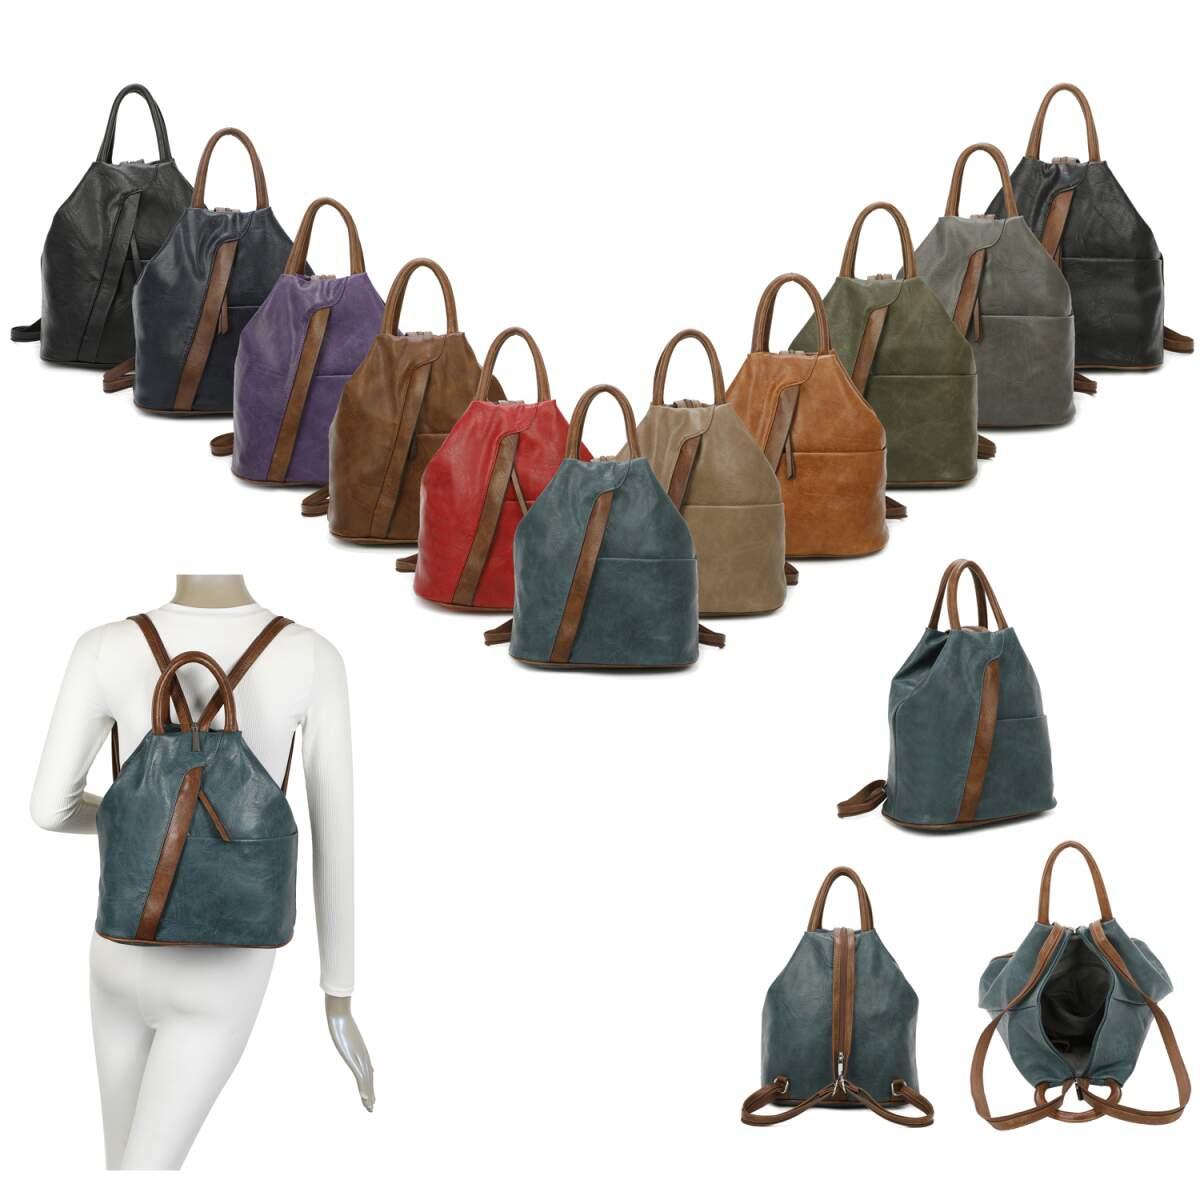 Volumen groß viele möglichkeiten unschlagbarer Preis OBC Damen Rucksack Tasche Schultertasche Leder Optik Daypack Backpack  Handtasche Tagesrucksack Cityrucksack